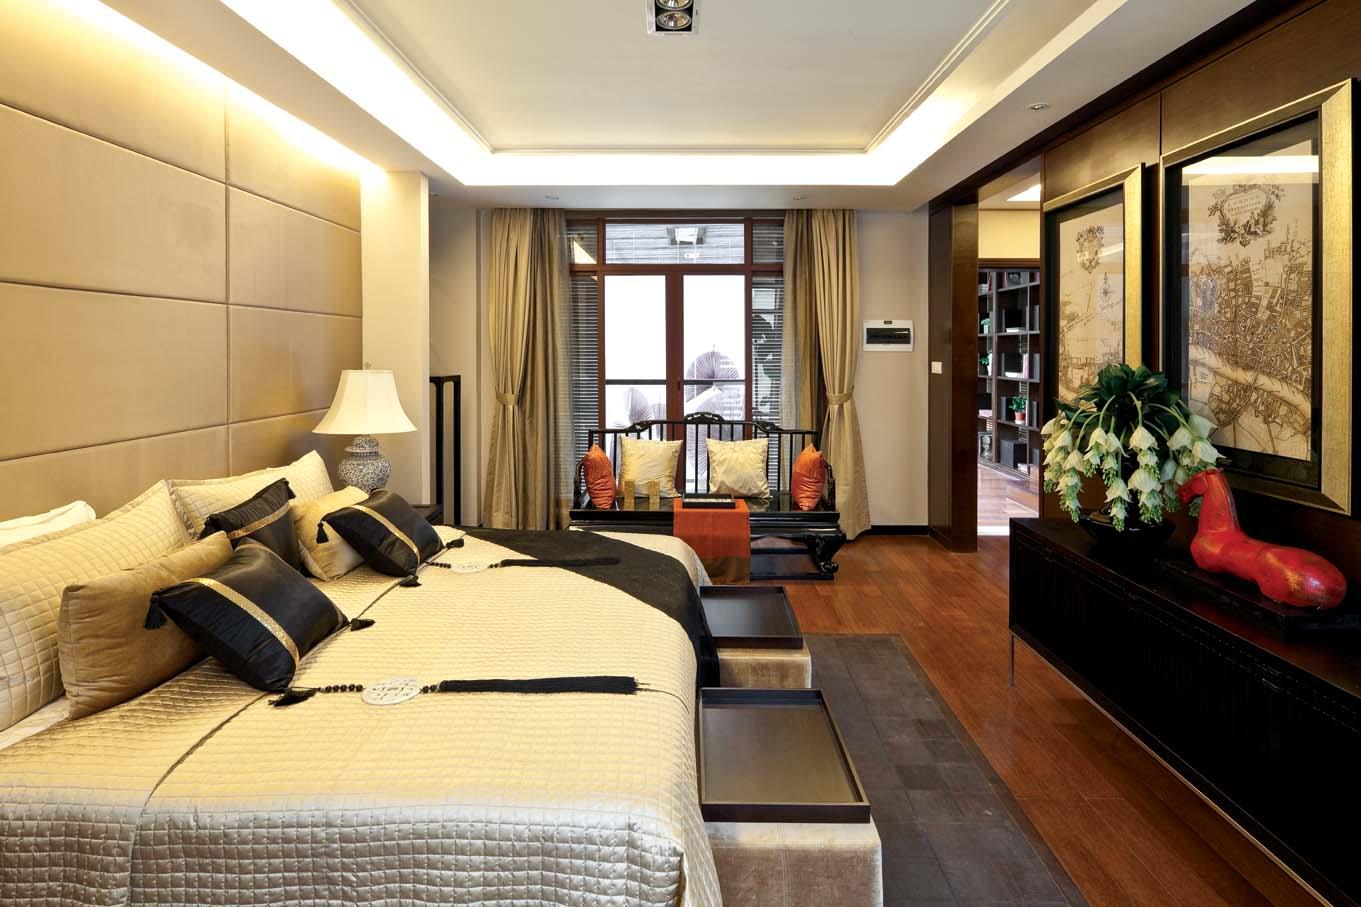 2013中式风格别墅新房床头背景墙吊顶大卧室带阳台装修效高清图片